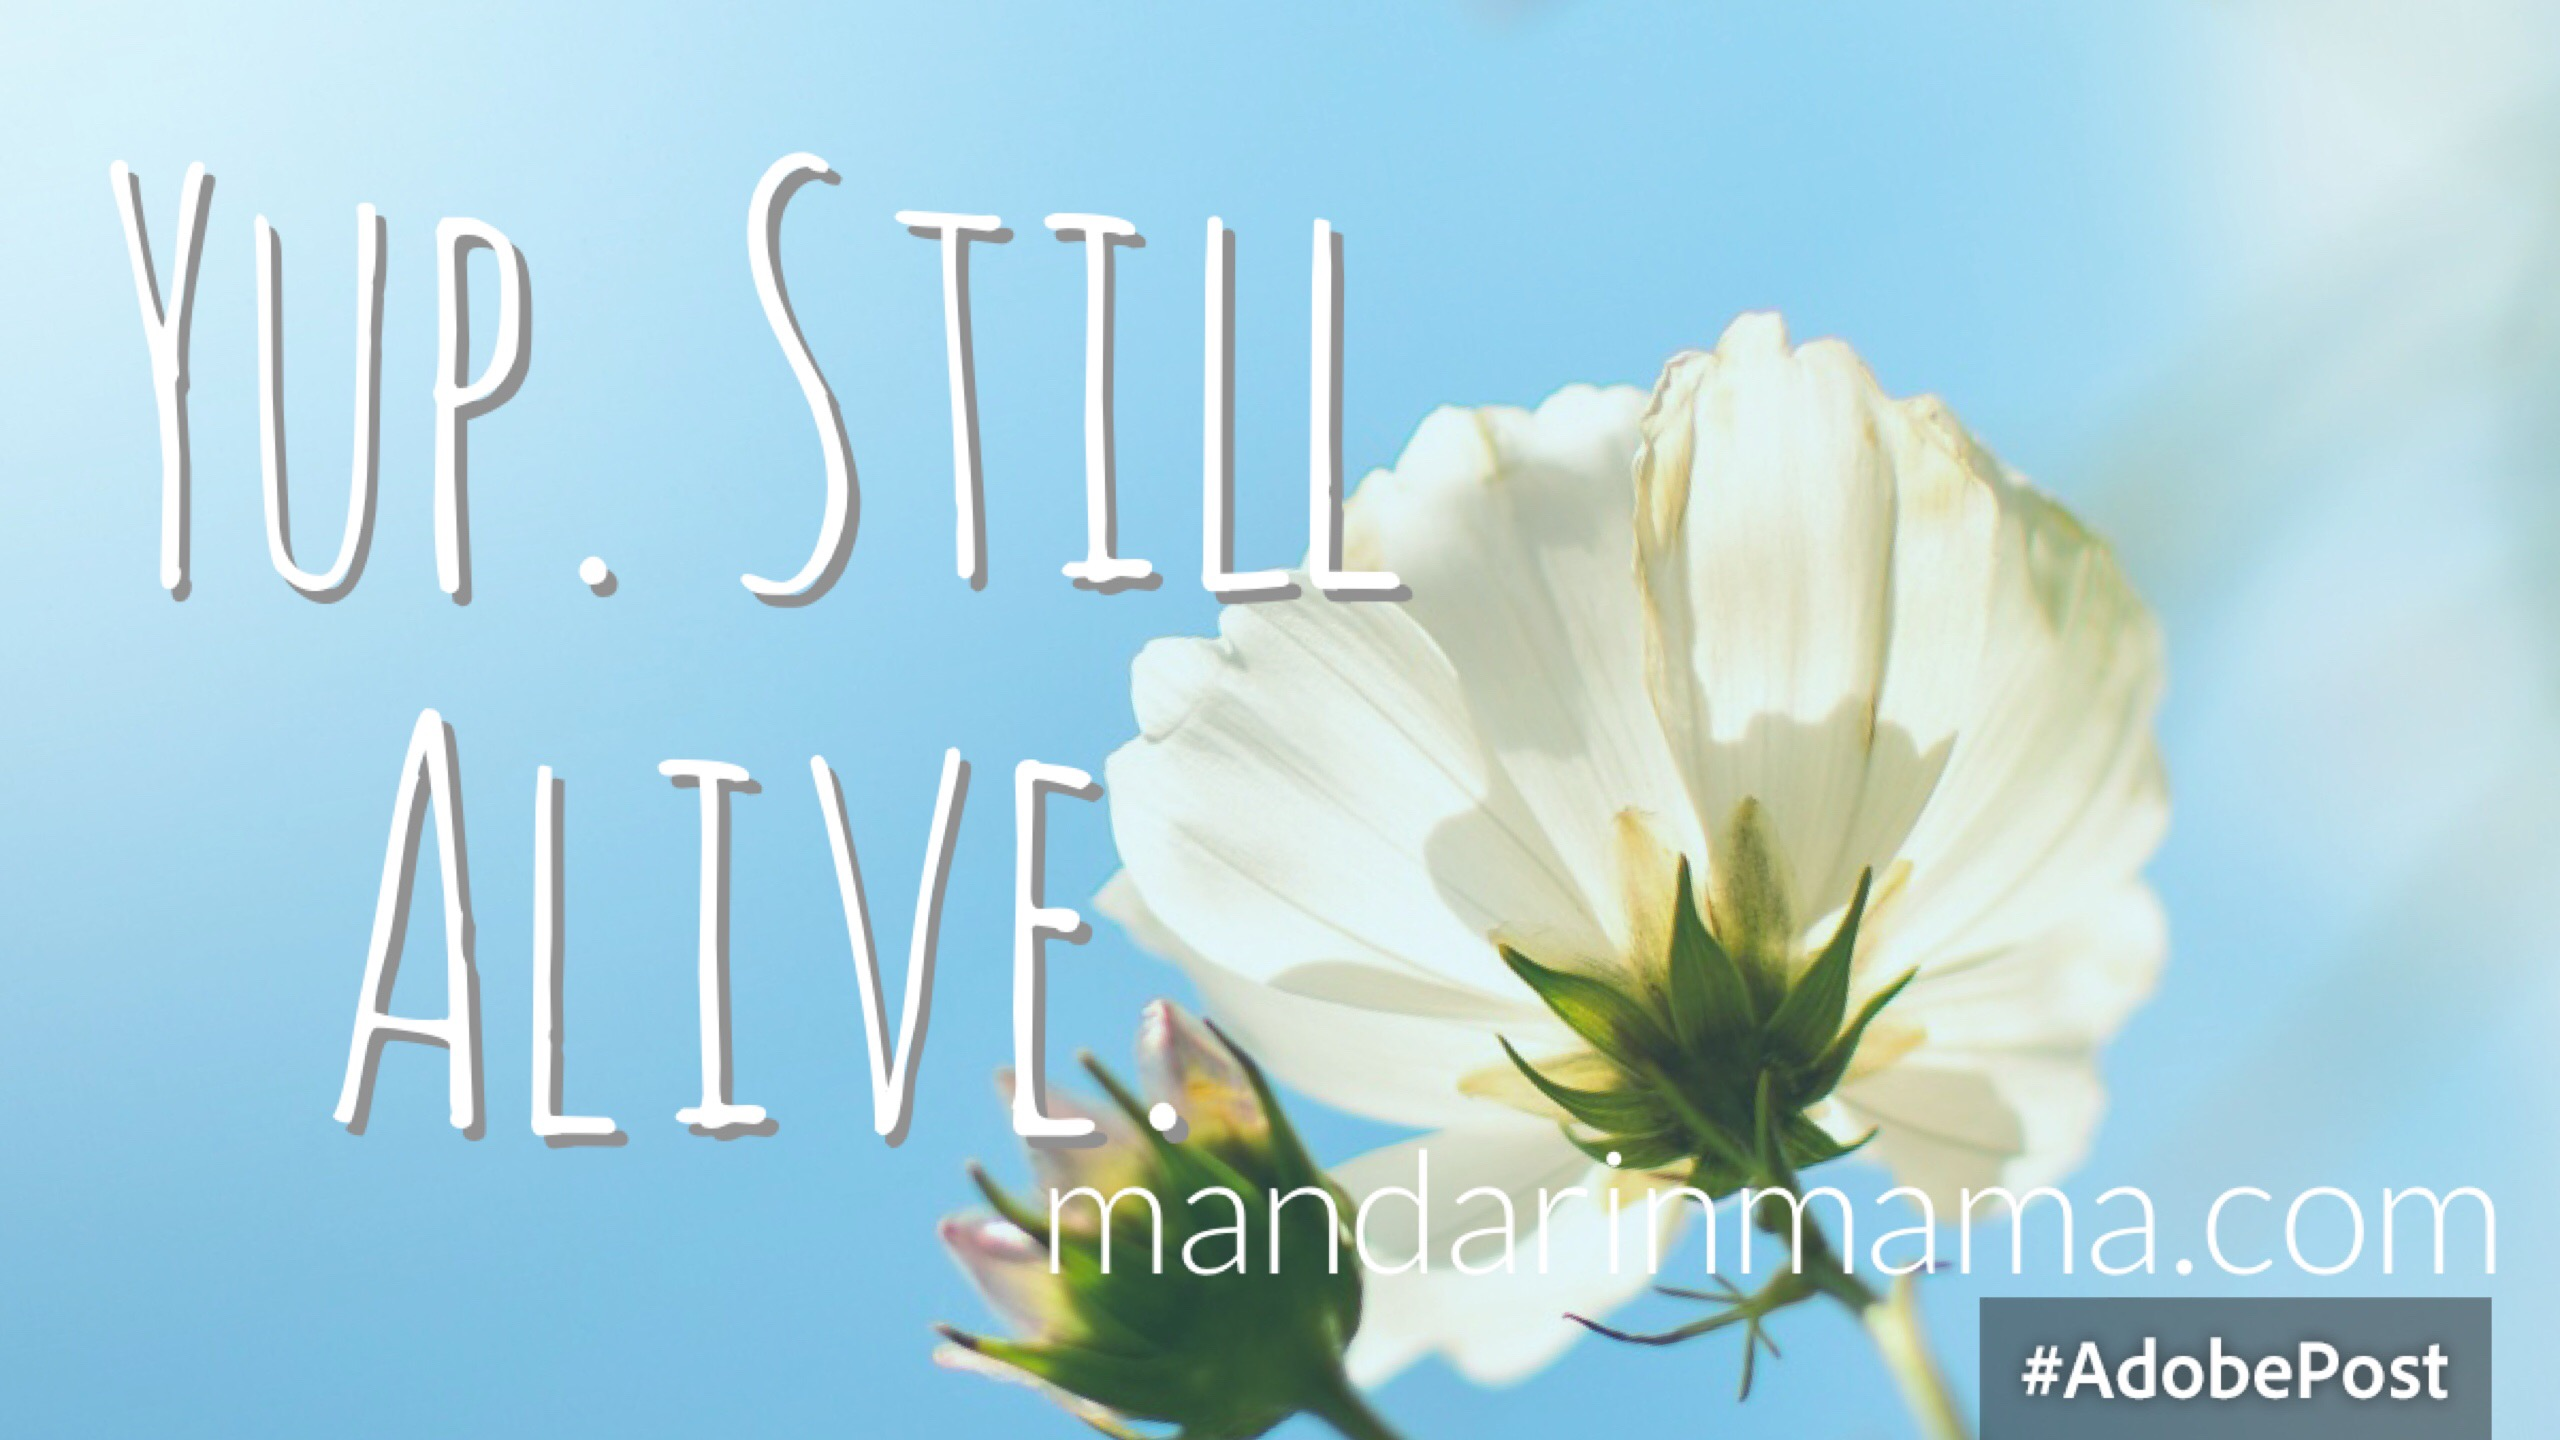 Yup. Still Alive.